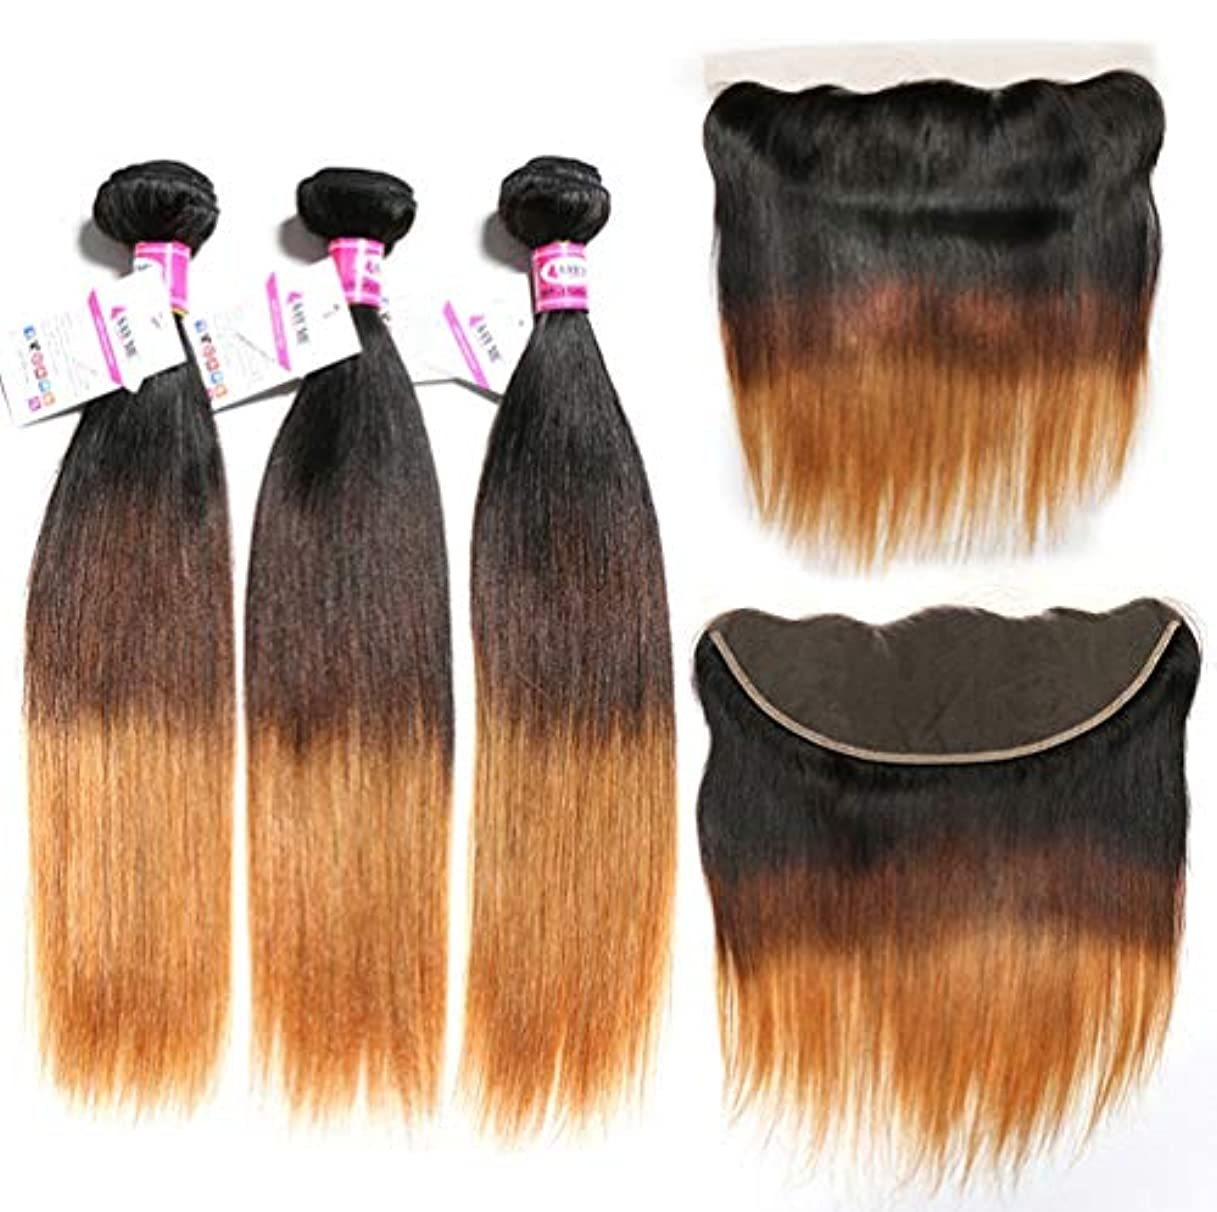 アソシエイト実行するレンチブラジルの100%の人間の毛髪の束の閉鎖のまっすぐな実質のRemyの自然な毛は延長延長よこ糸3の束+ 1を閉めました